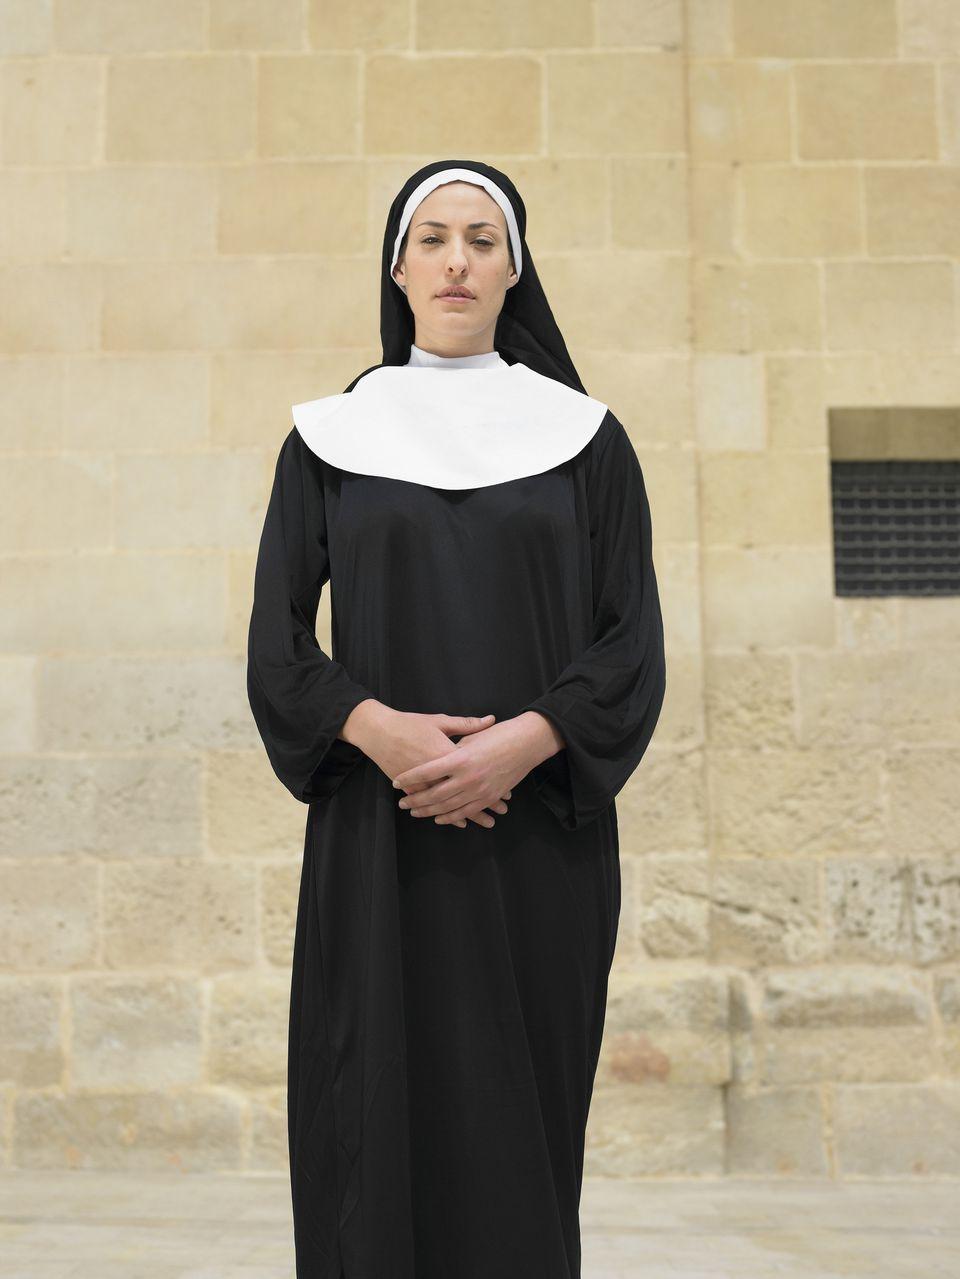 A nun in habit